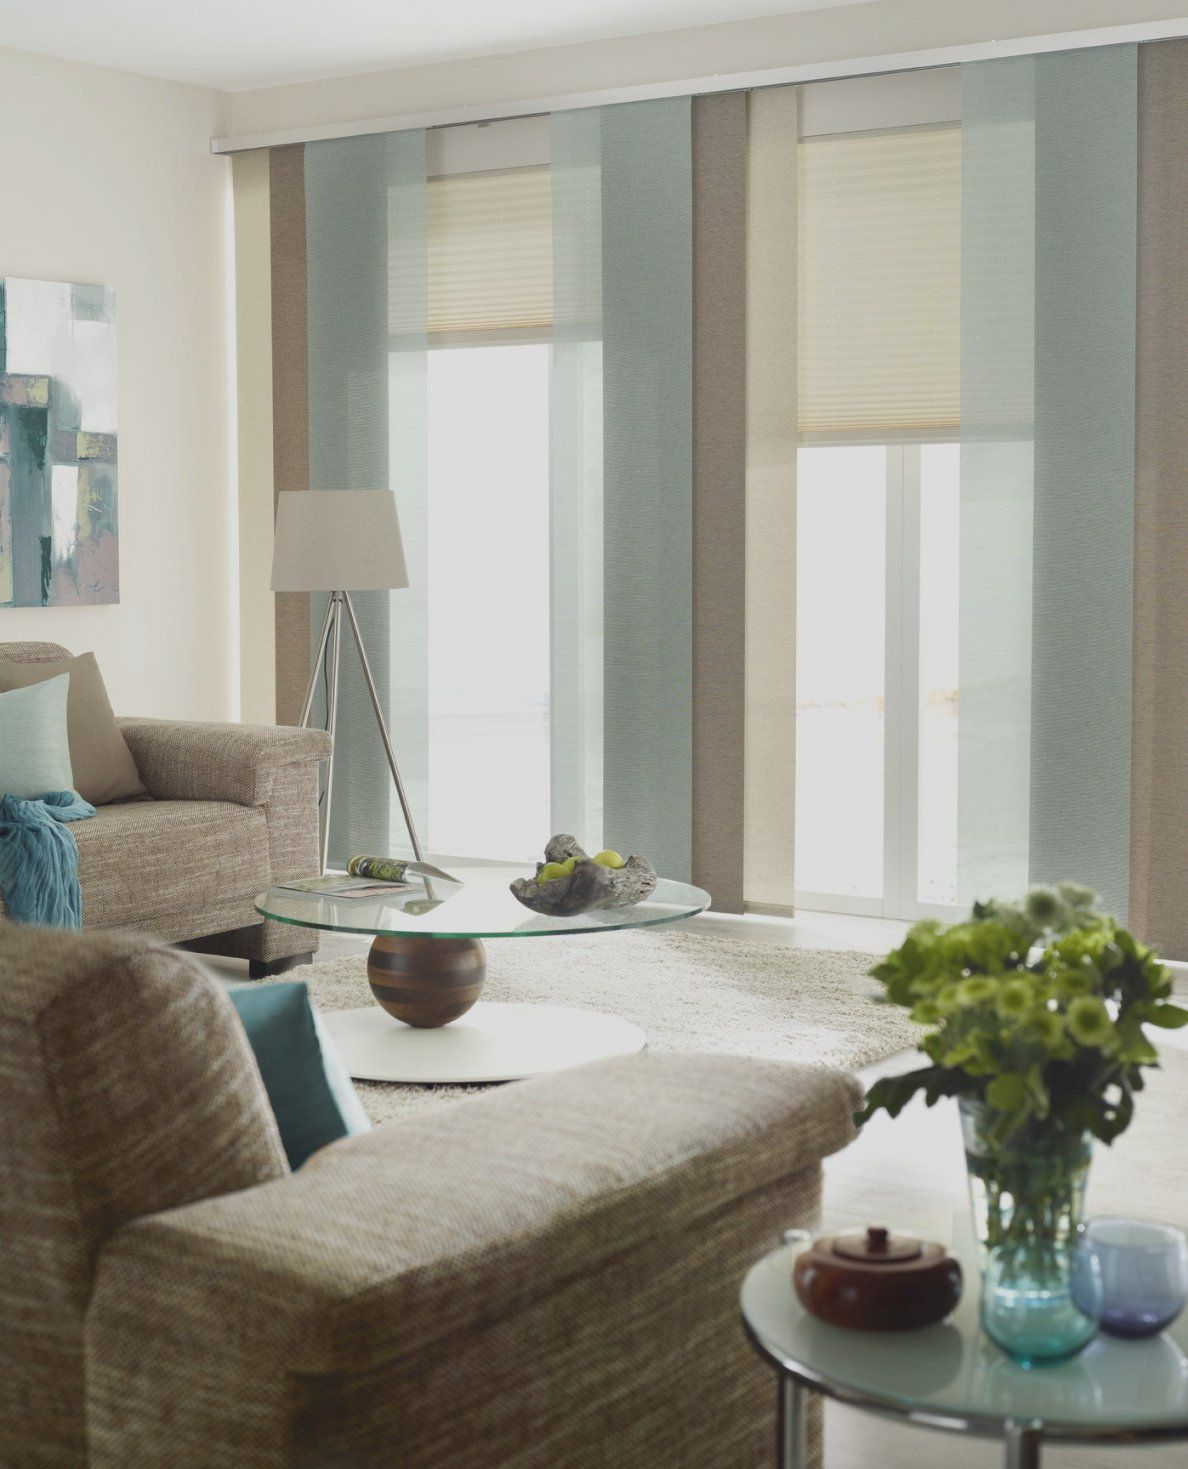 40 Moderne Gardinen Wohnzimmer  Haus Ideen  Part 3 von Moderne Vorhänge Für Wohnzimmer Photo